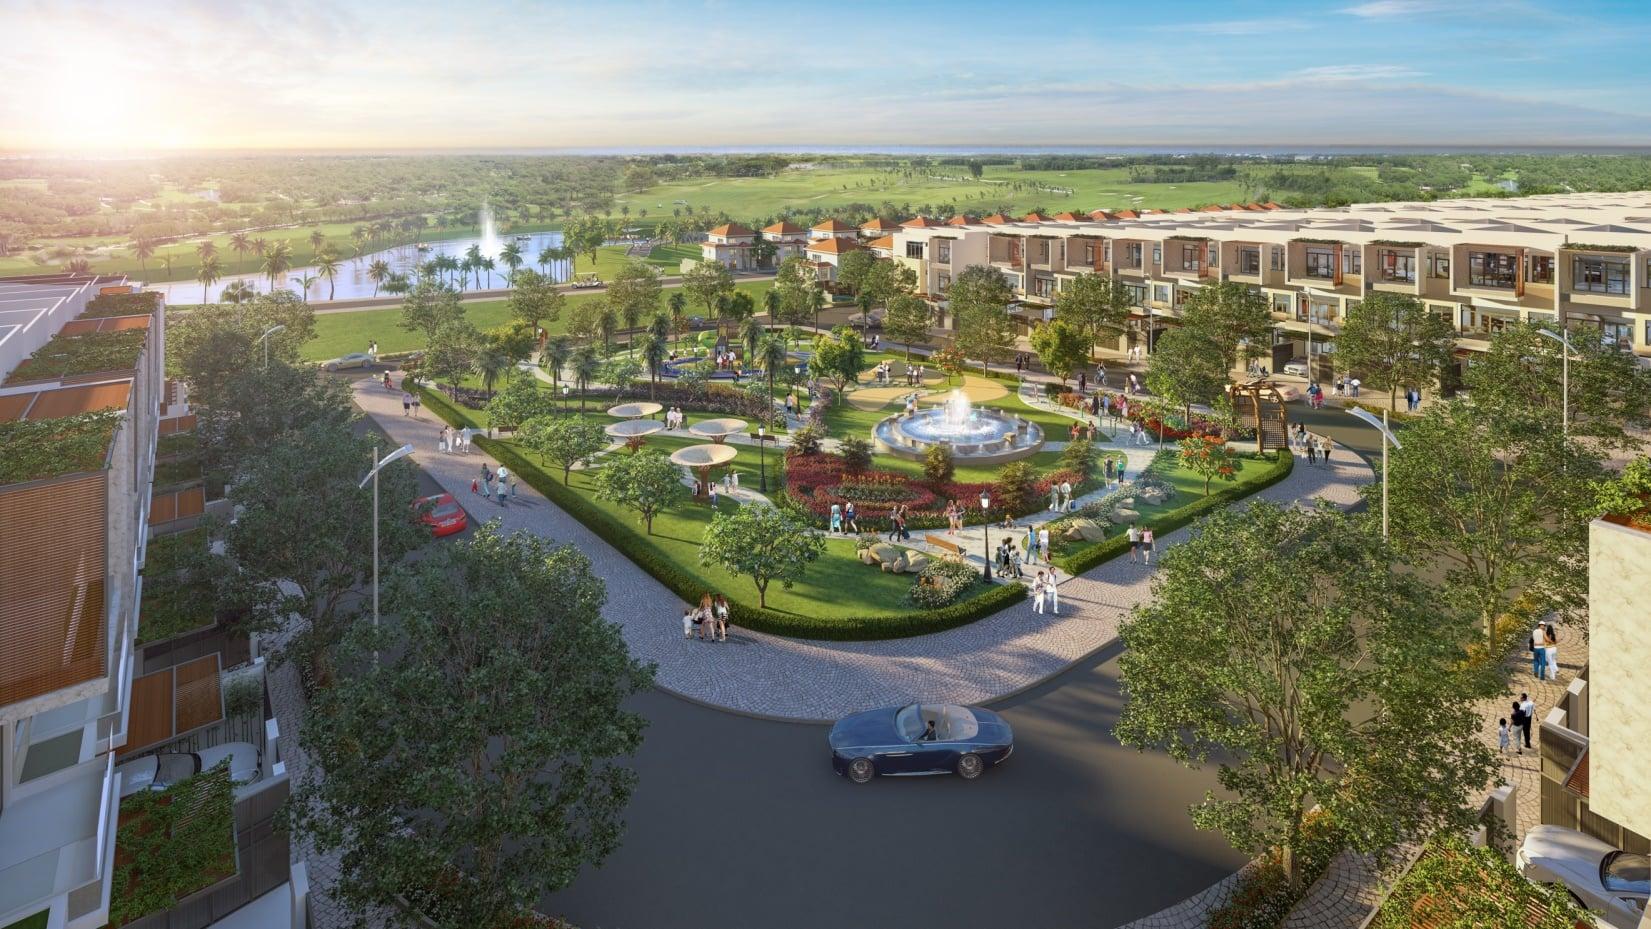 Phối cảnh tổng thể khu đô thị dự án nhà phố biển Para Grus